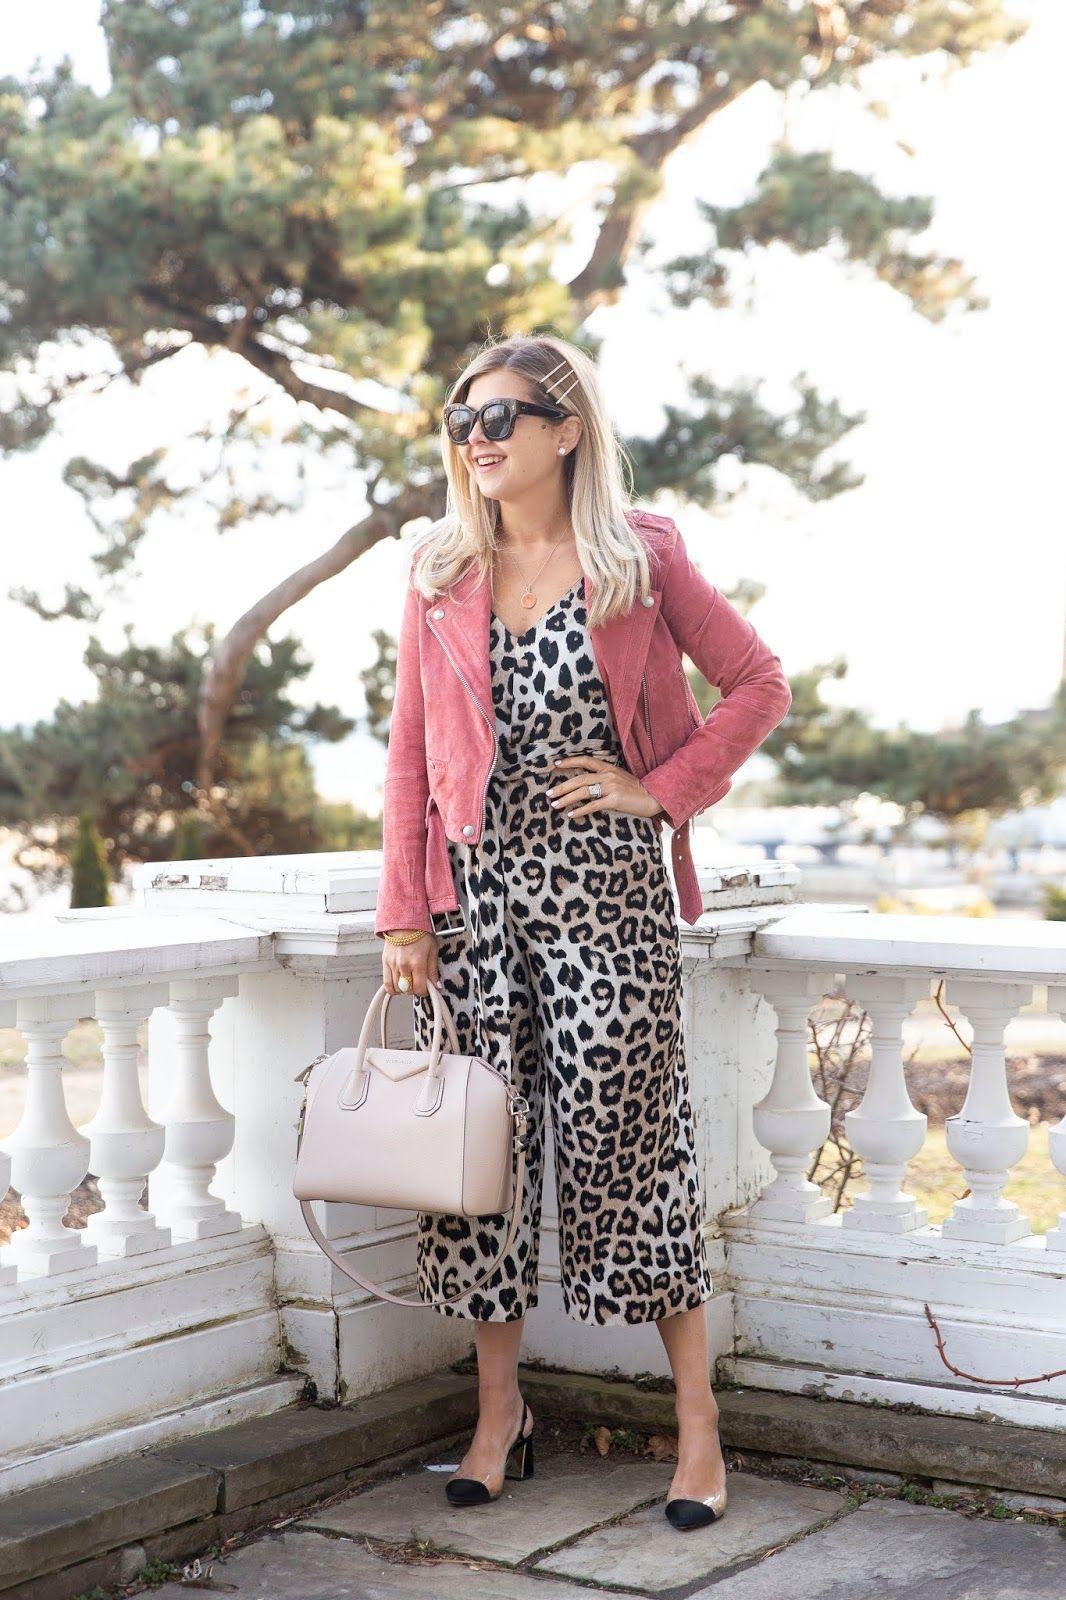 A Lil' Leopard Romper - Krystin Lee